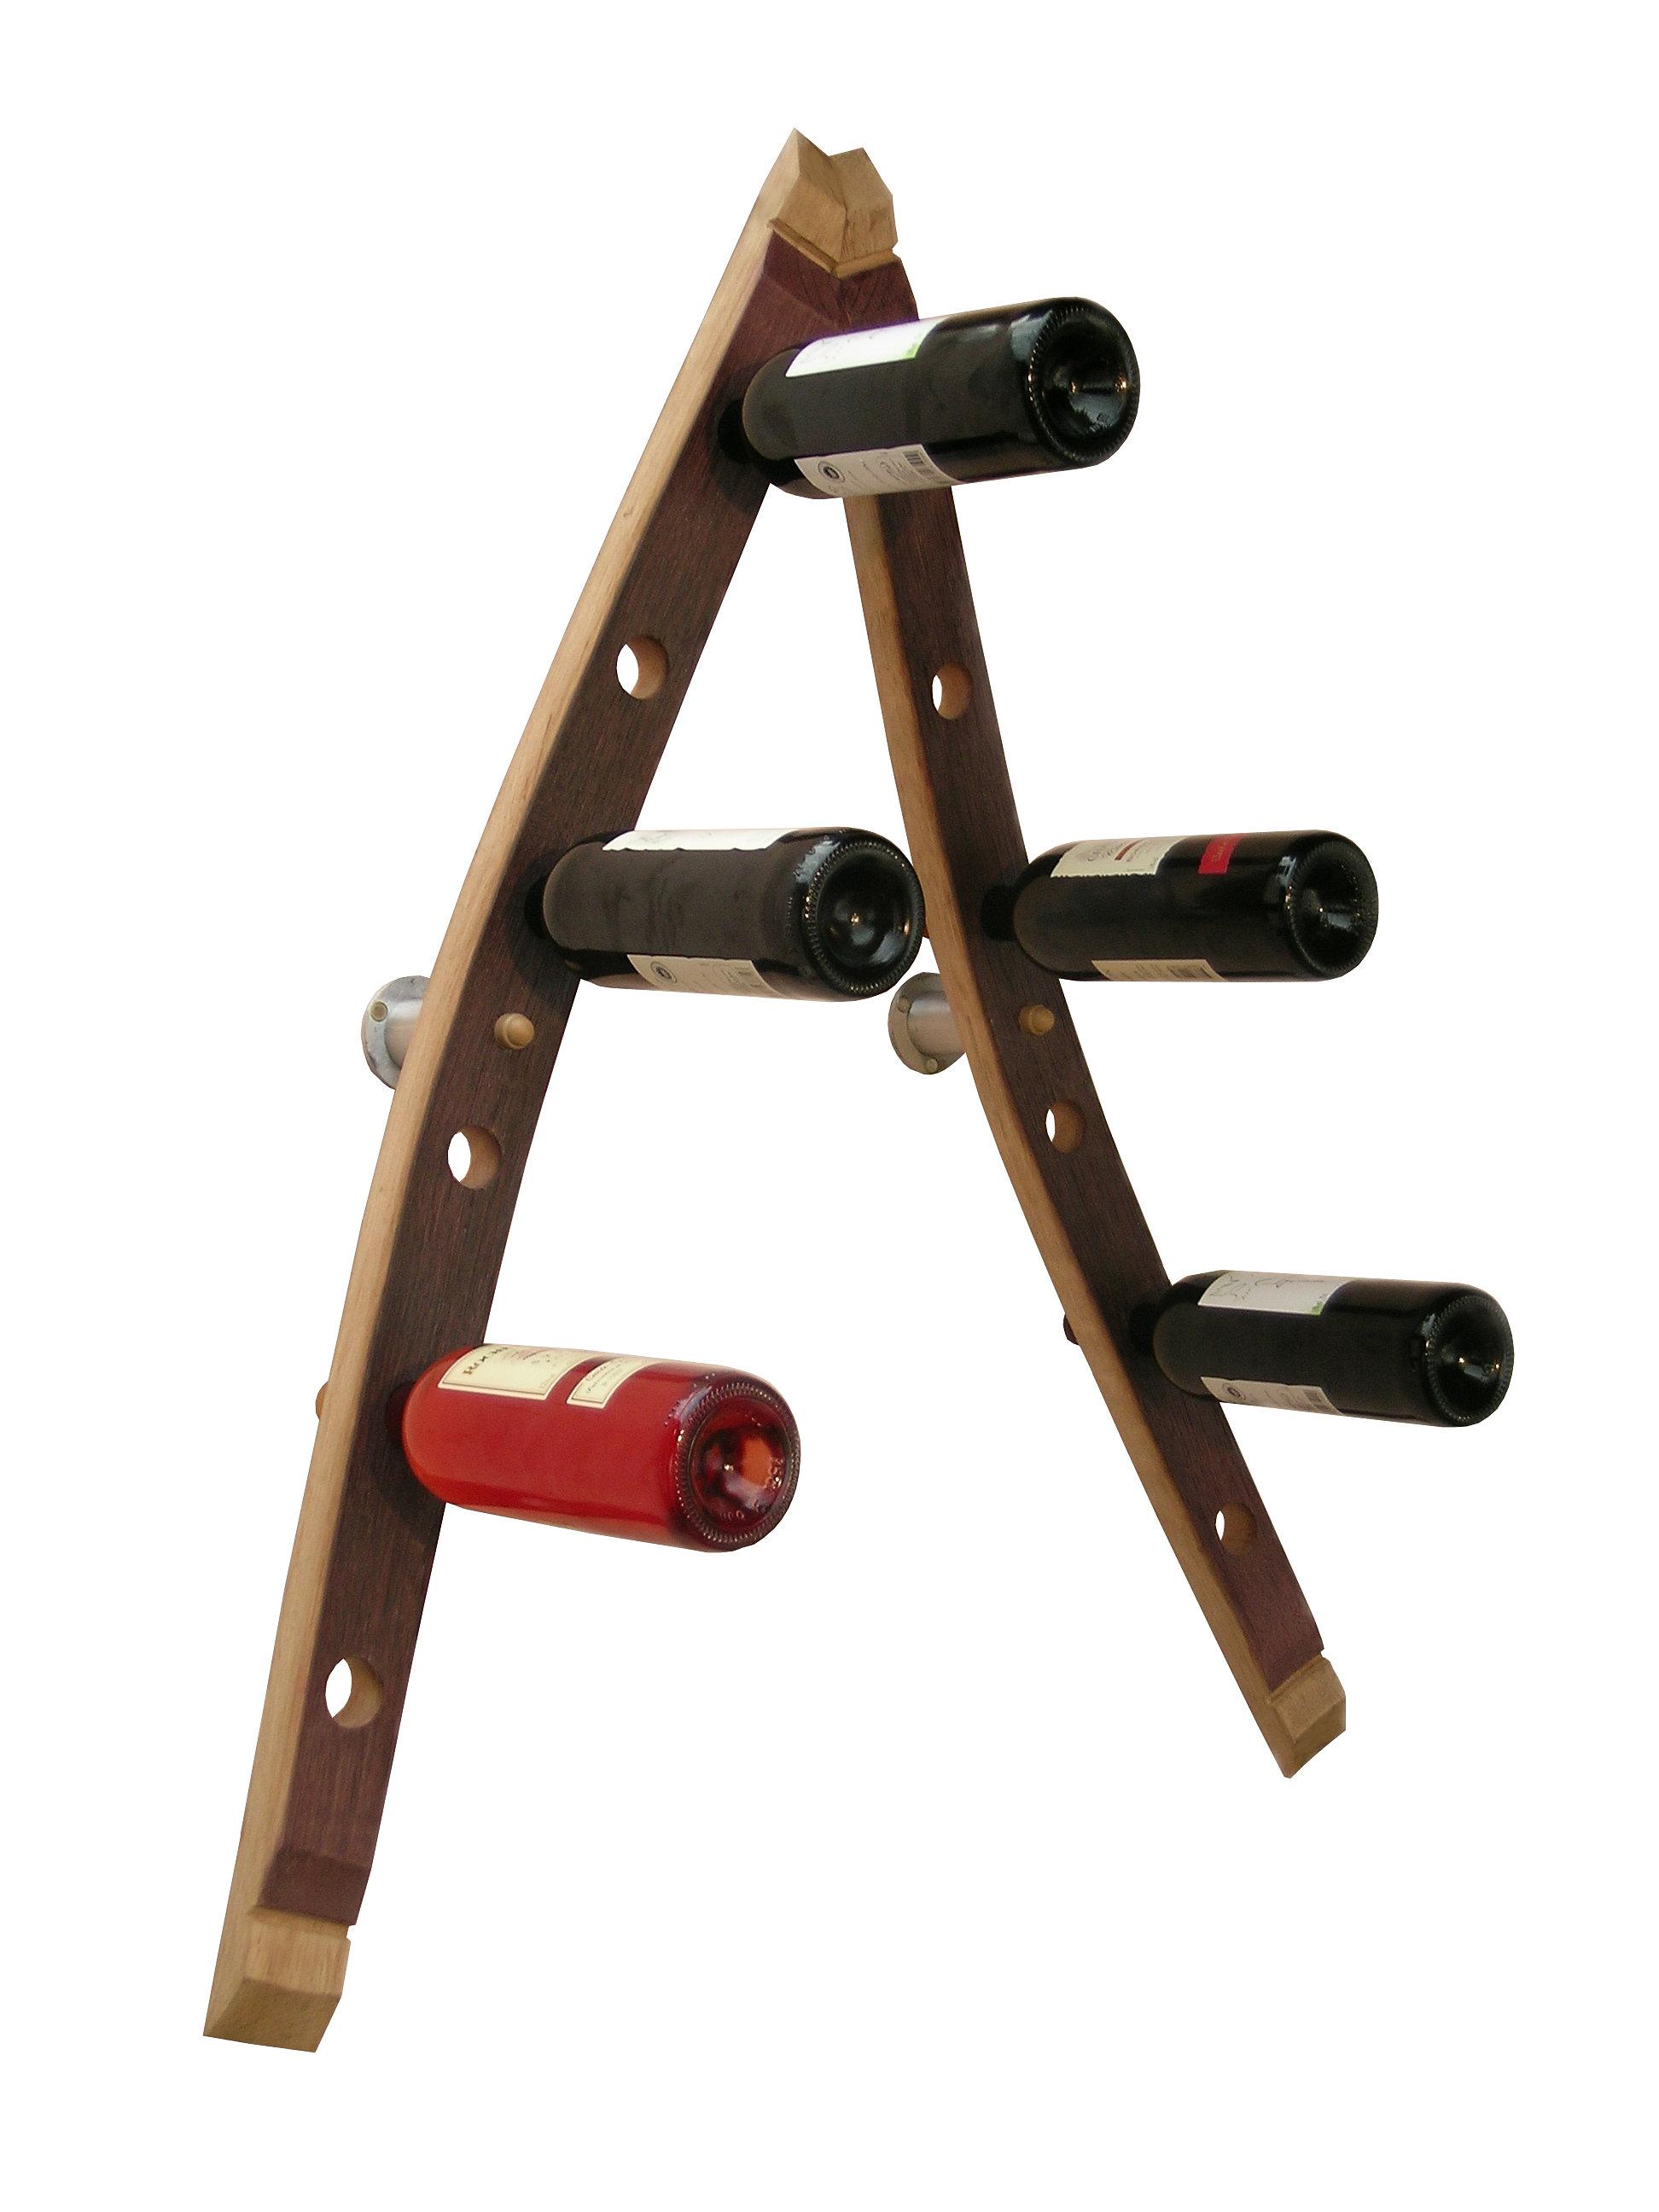 Douelledereve mobilier et objets des grands vins accessoires de cave porte bouteille mural - Porte bouteille mural design ...